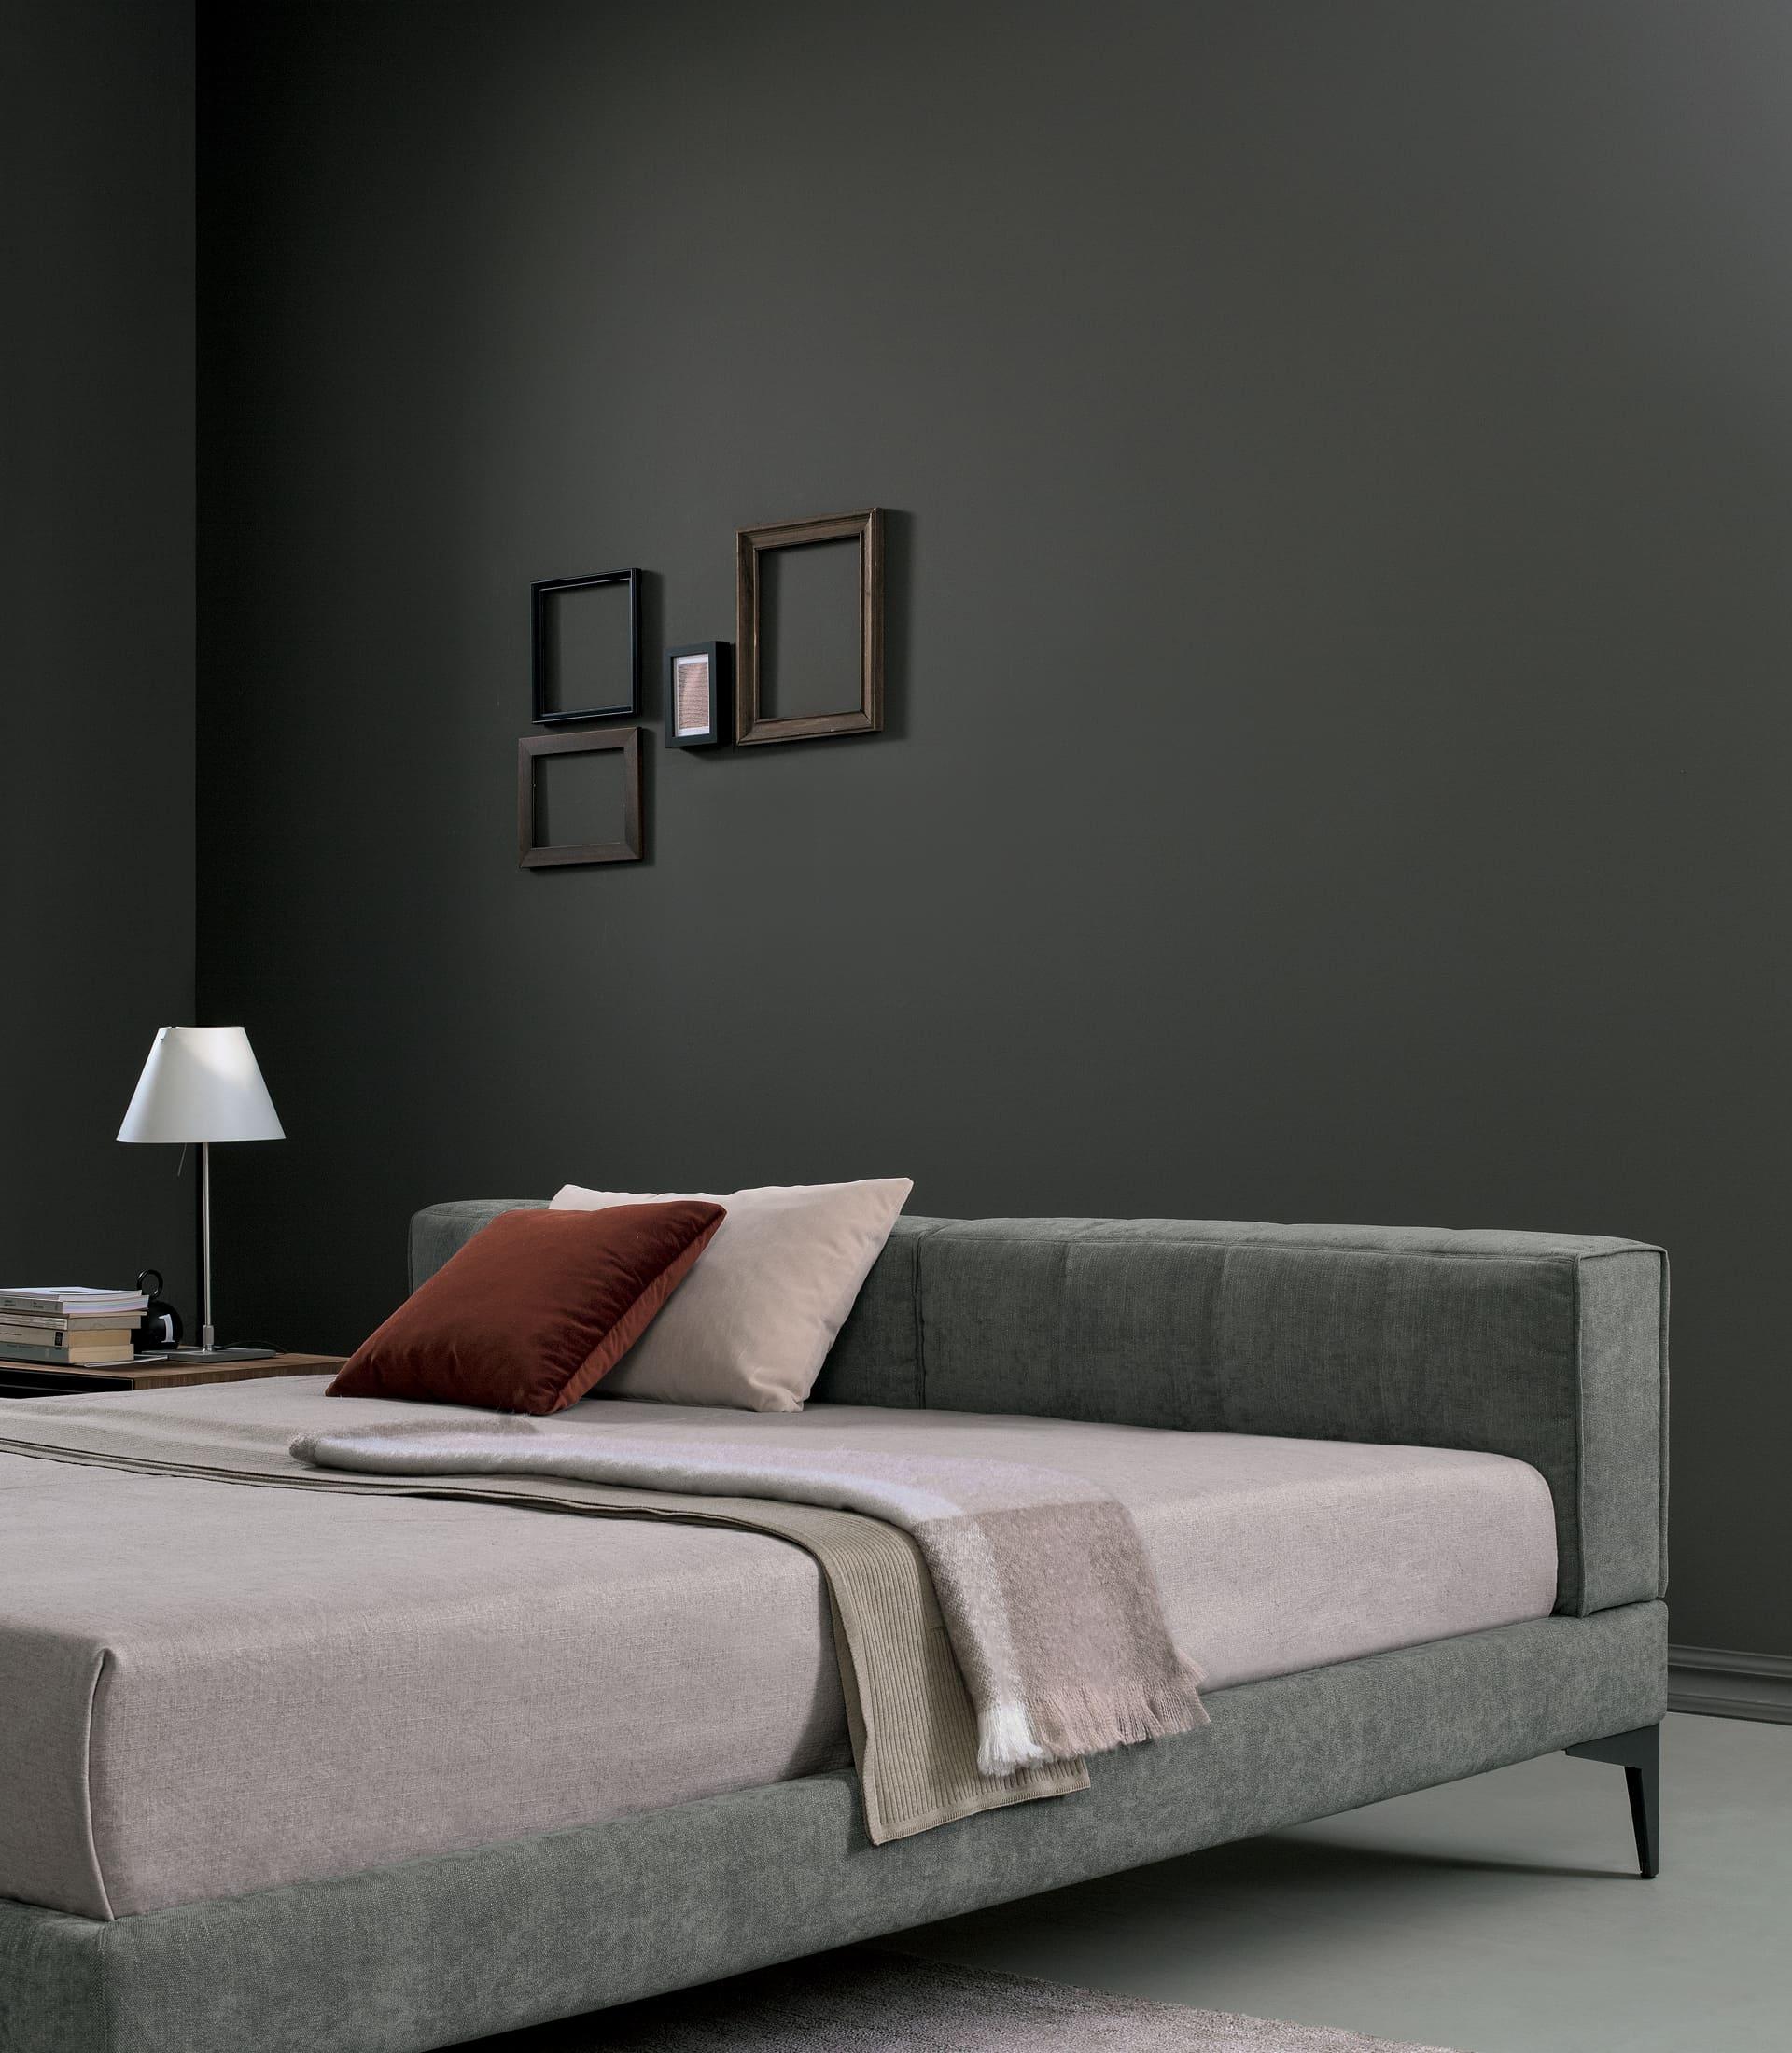 Bodema (RU) Кровать Harry от итальянского производителя Bodema